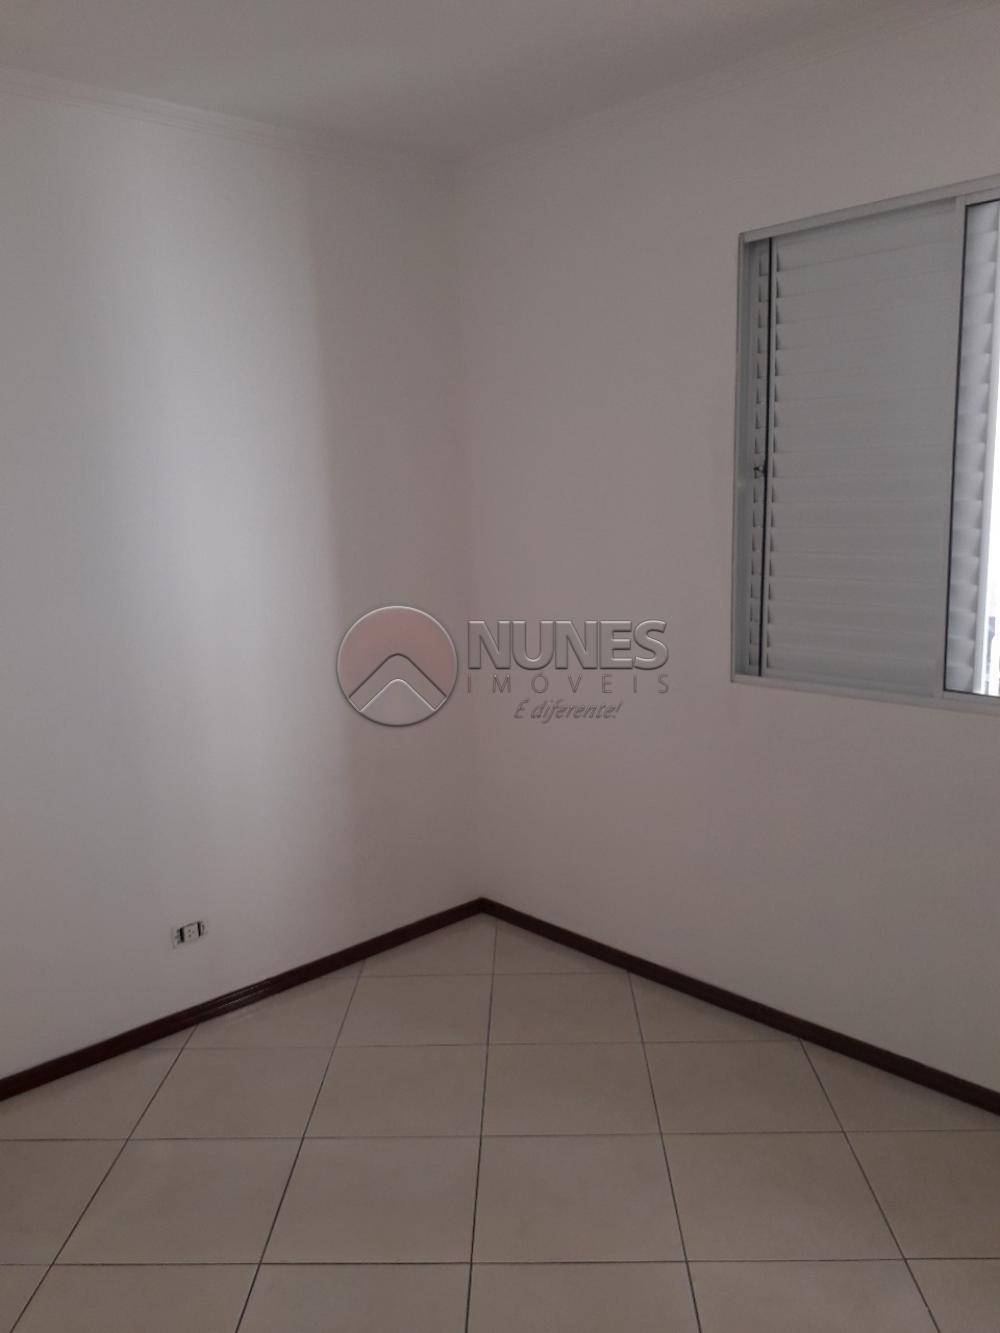 Alugar Casa / Sobrado em Condominio em São Paulo apenas R$ 1.000,00 - Foto 13